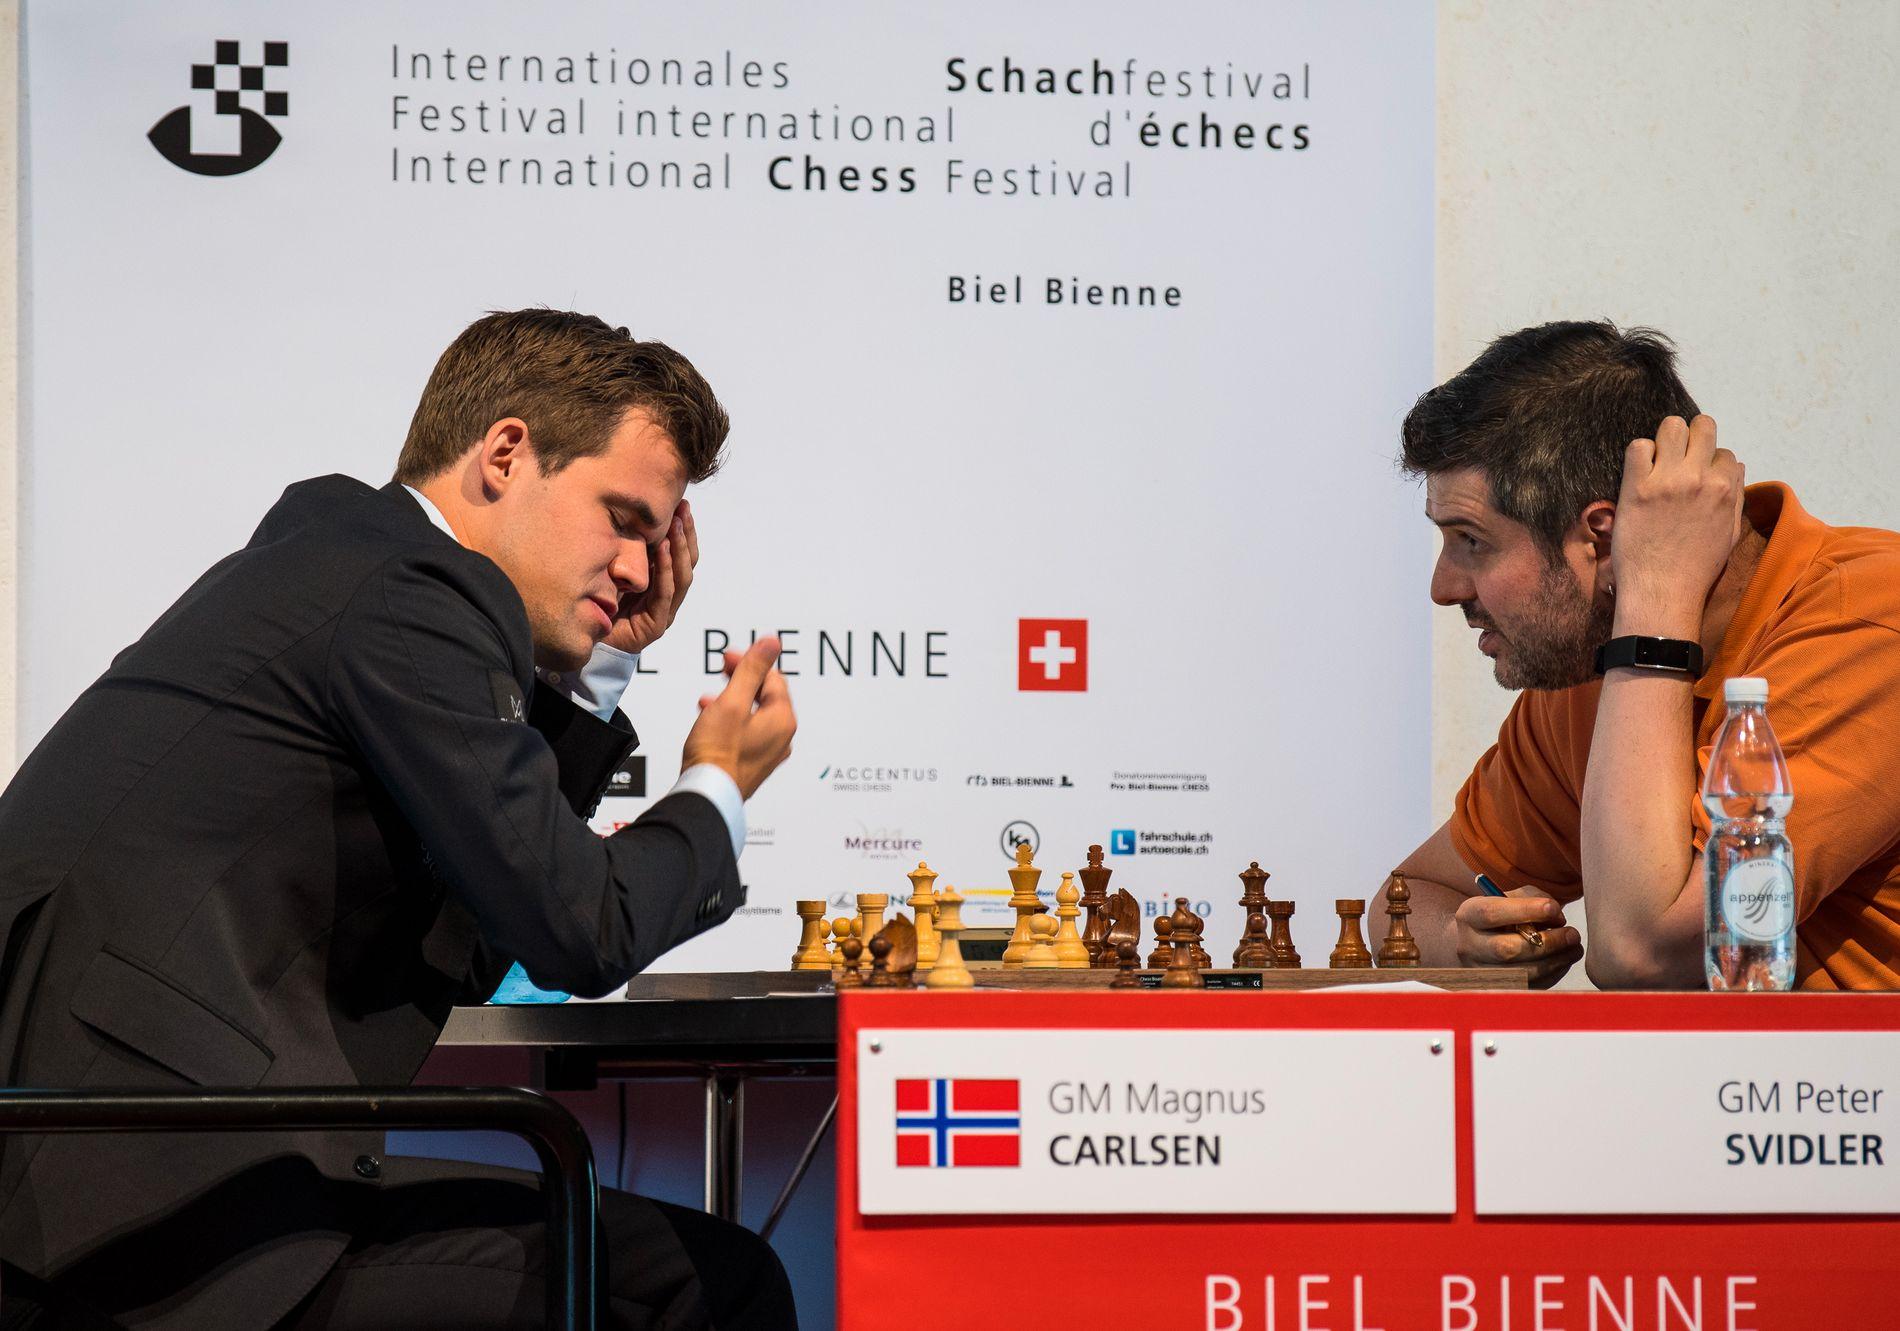 DISKUTERTE: Magnus Carlsen og Peter Svidler snakket lenge om partiet etter at de hadde spilt remis tirsdag.